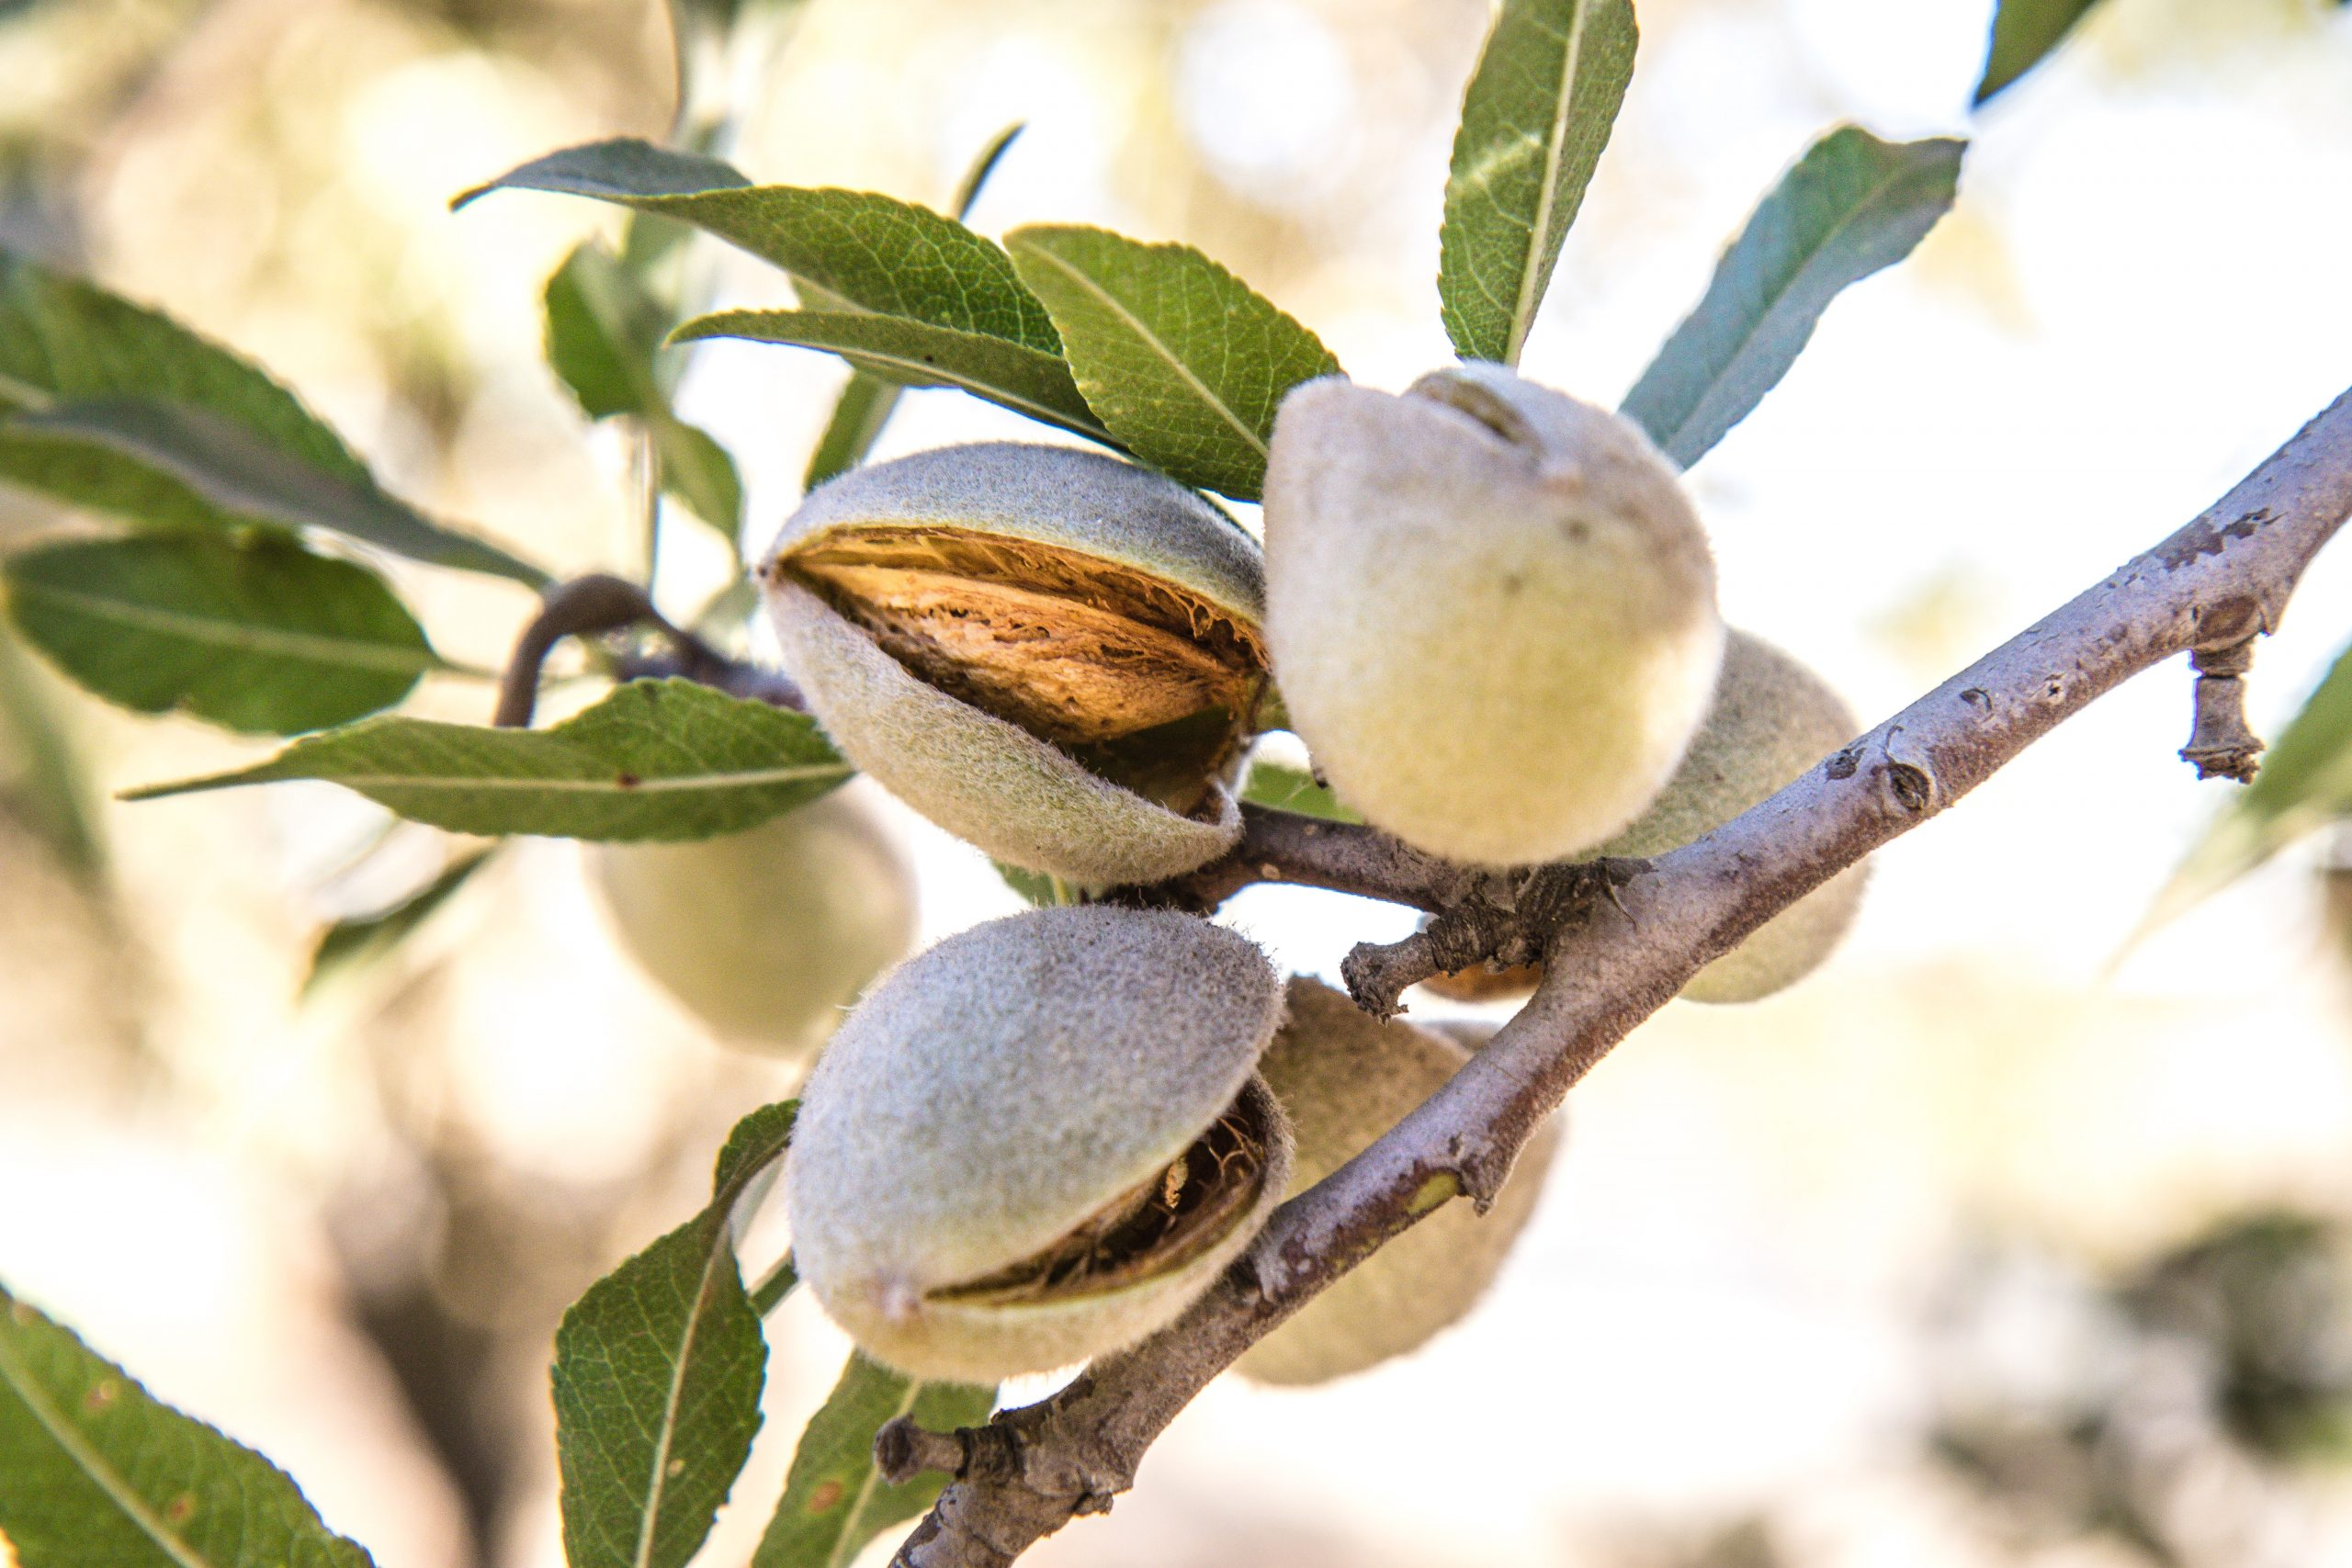 Mantelipuun eli tarhamantelin pähkinämäinen siemen on manteli